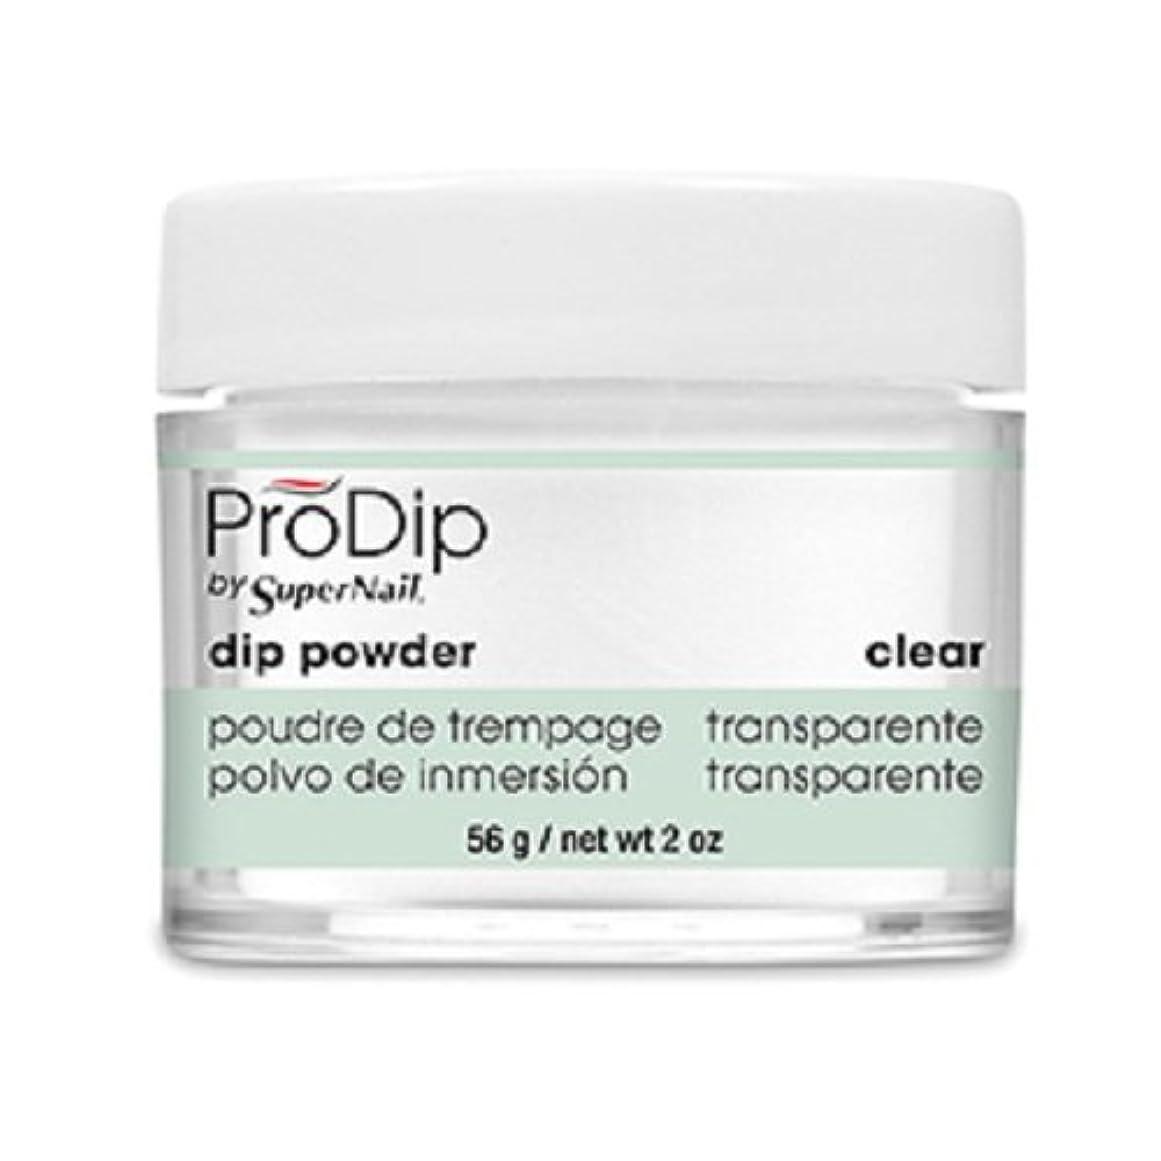 ブースト場合メンターSuperNail - ProDip - Dip Powder - Clear - 56 g/2 oz